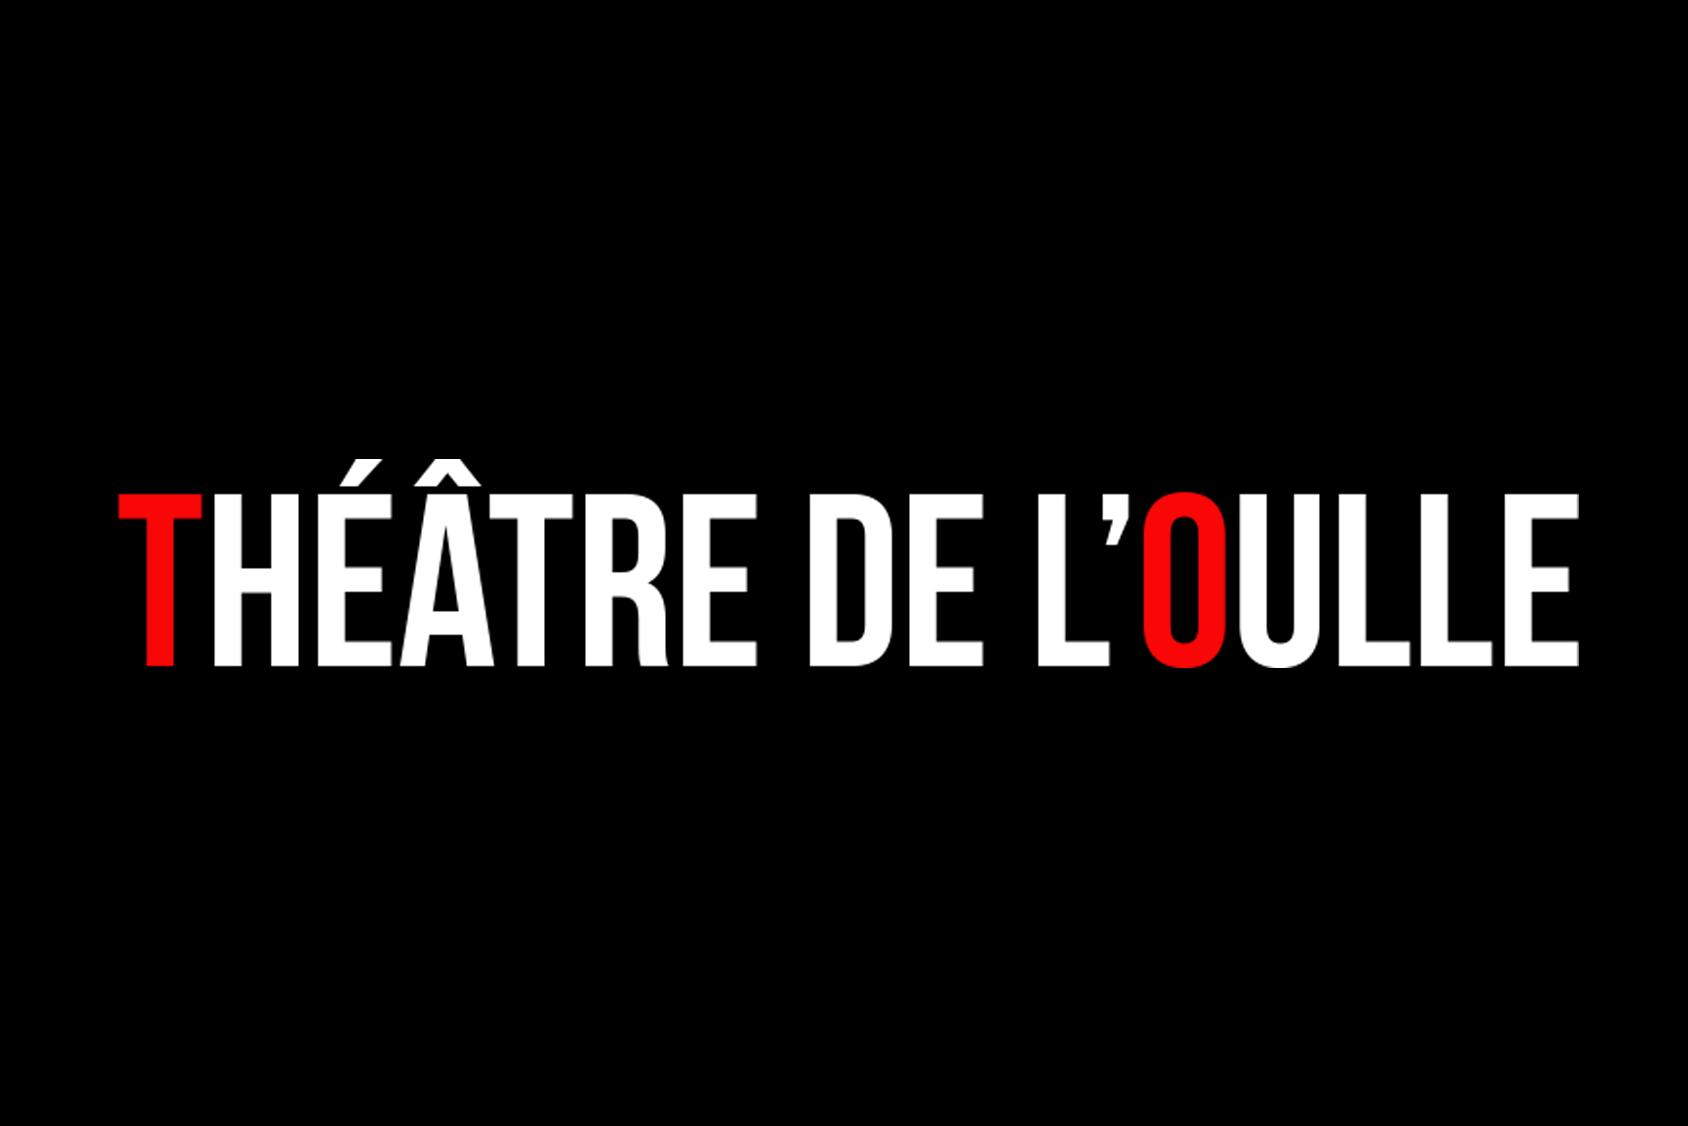 Théâtre de l'Oulle - Avignon